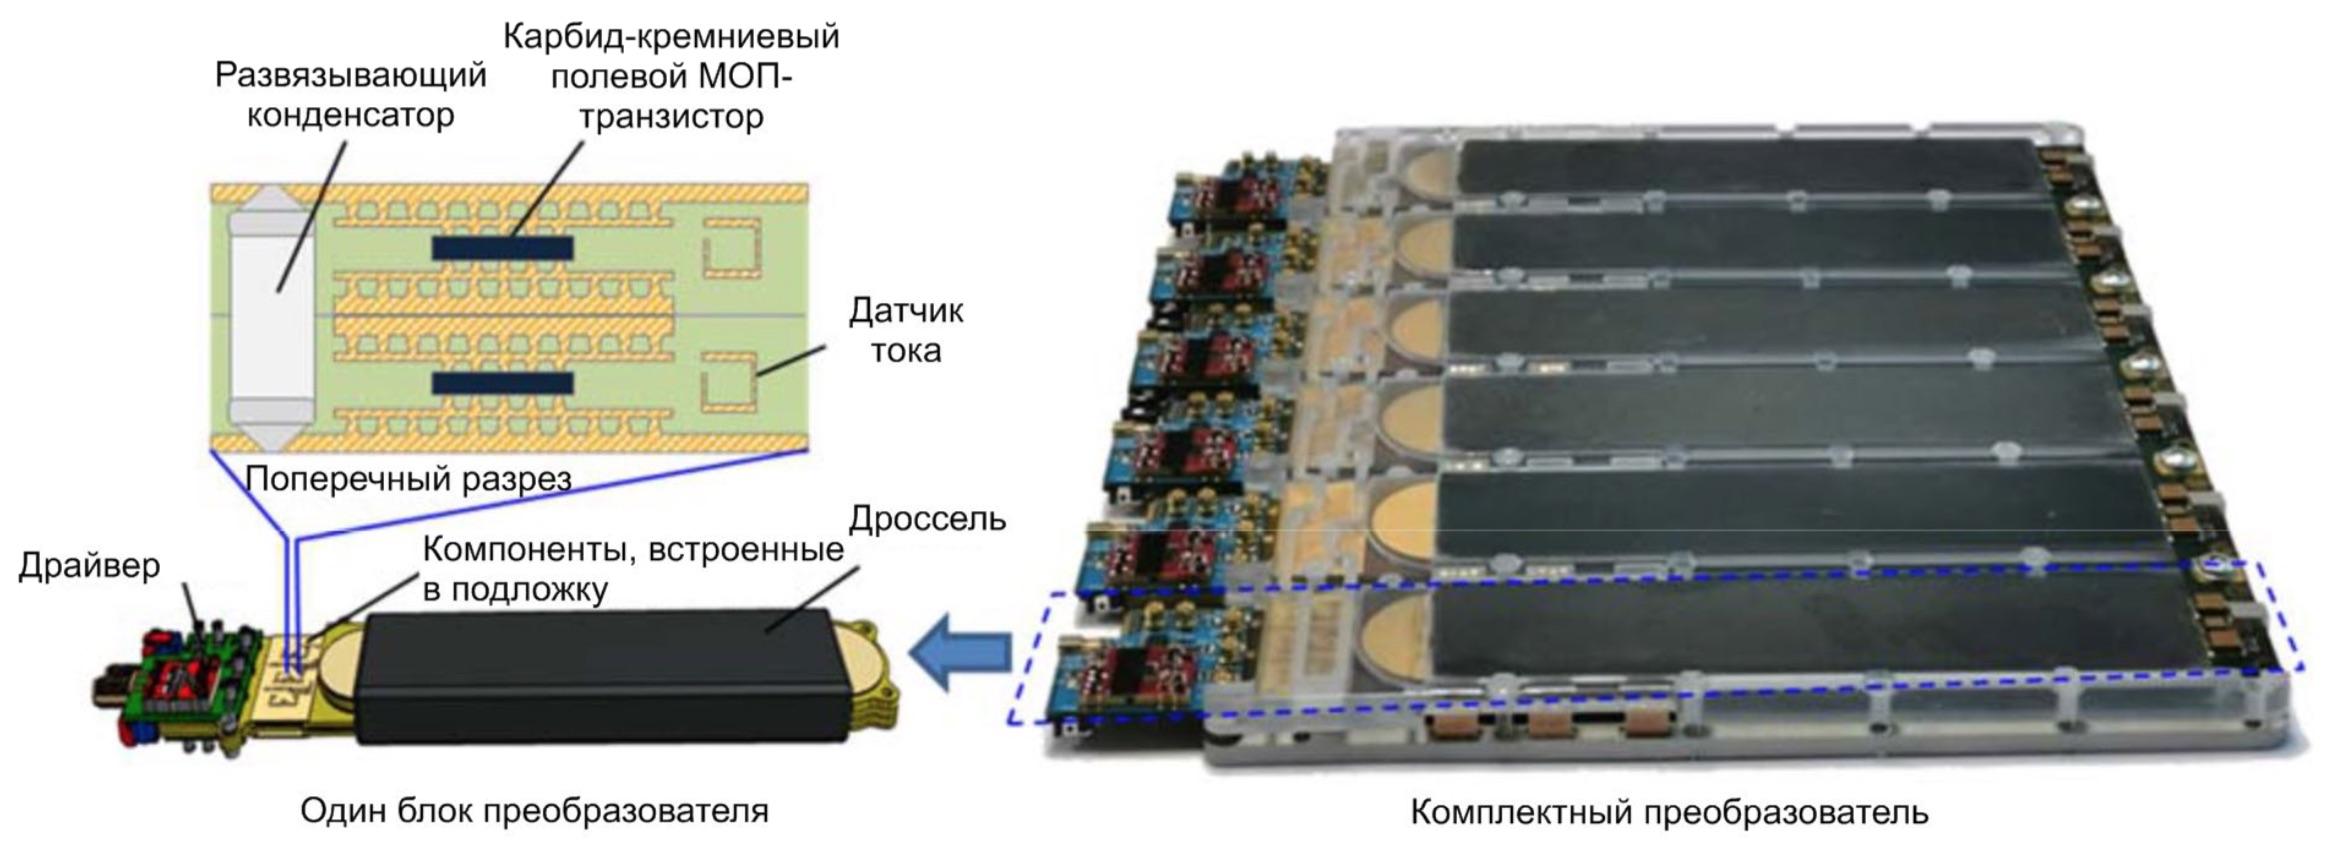 Mitsubishi Electric разрабатывает технологию корпусирования преобразователей высокой плотности мощности со встроенными компонентами